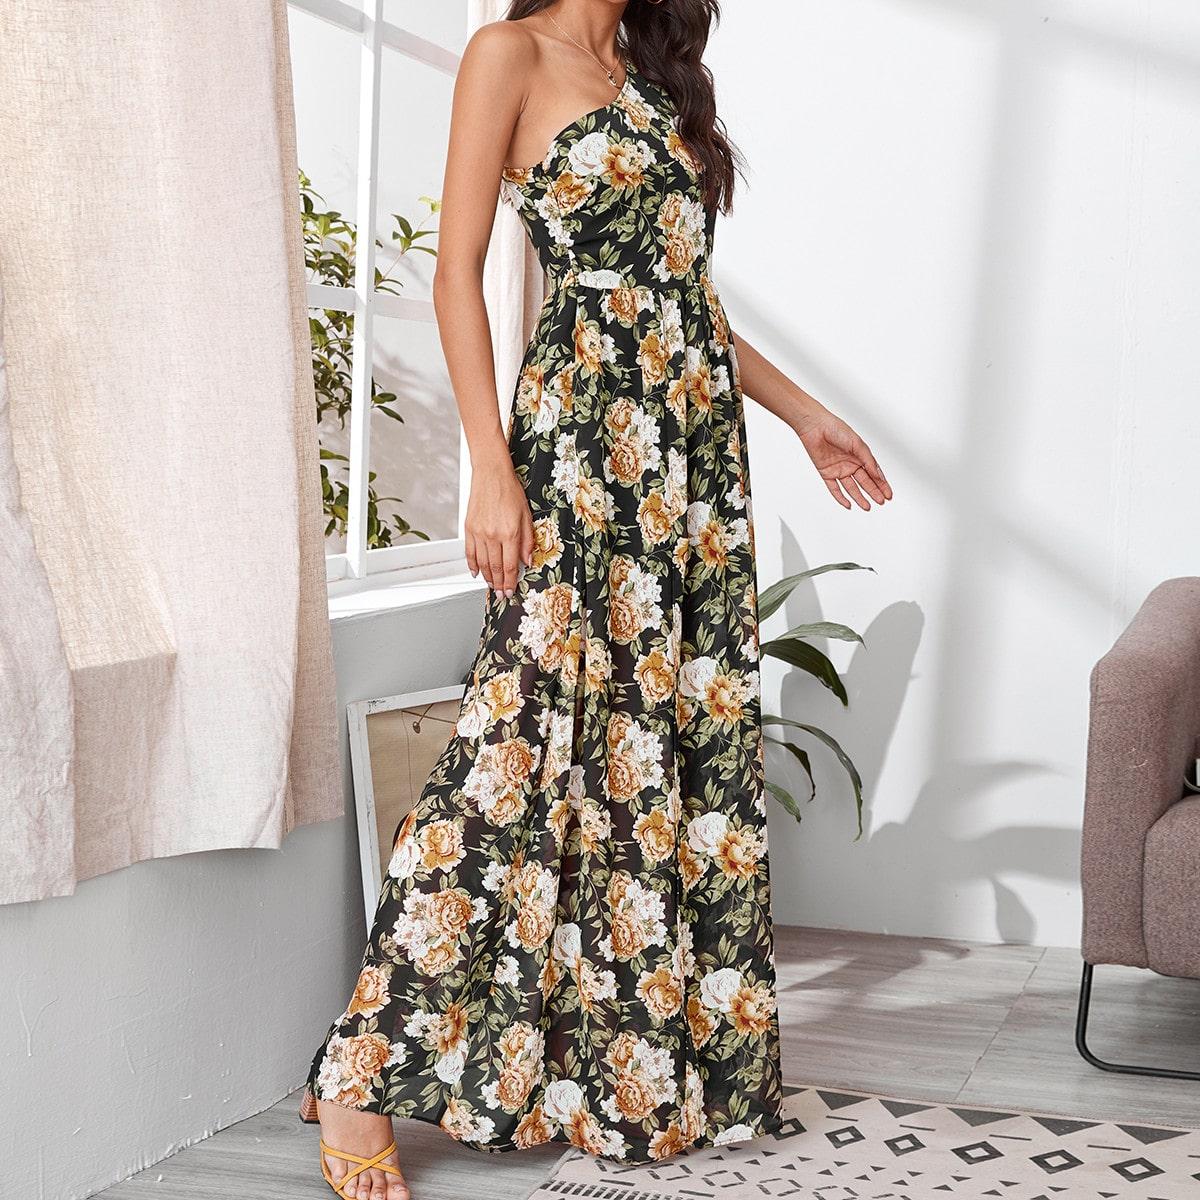 Платье на одно плечо с цветочным принтом фото